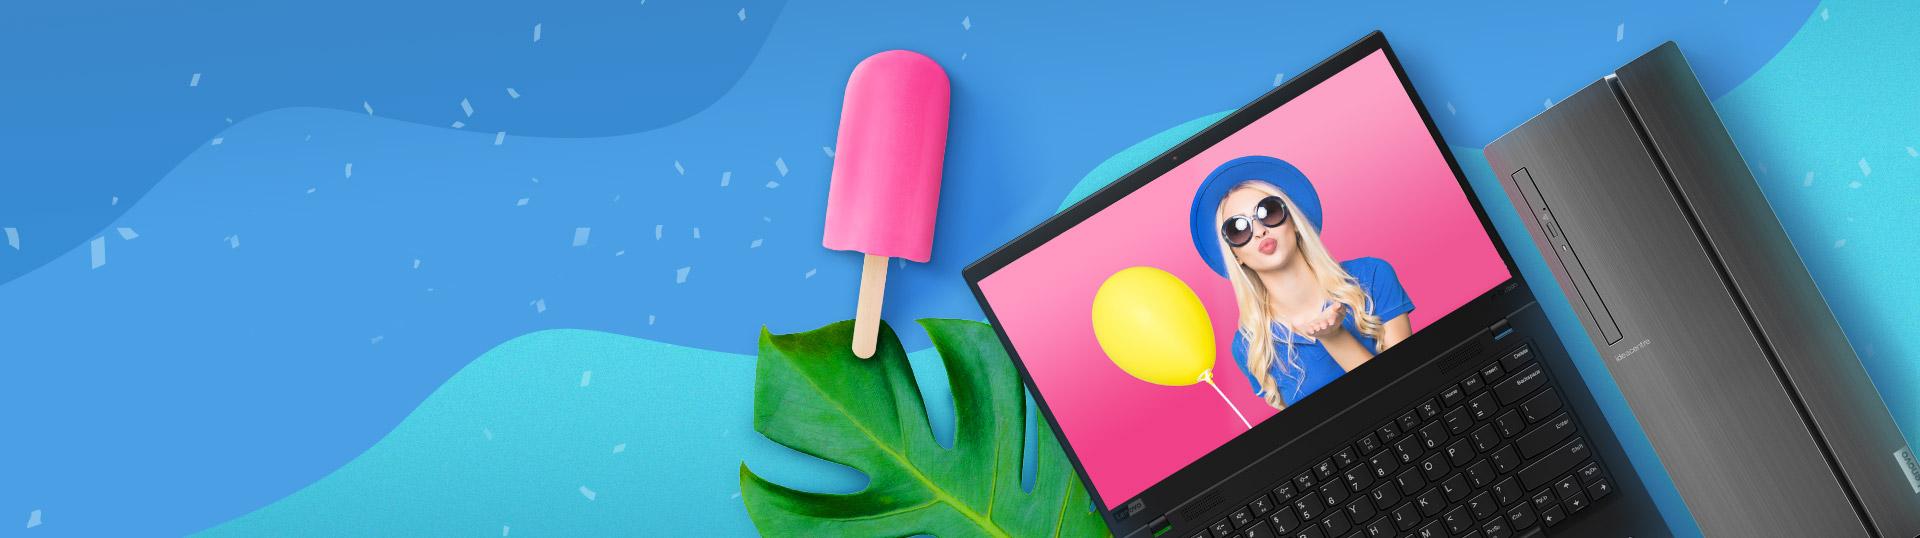 レノボ「夏の大感謝祭」 パソコンがセール中 8月27日まで